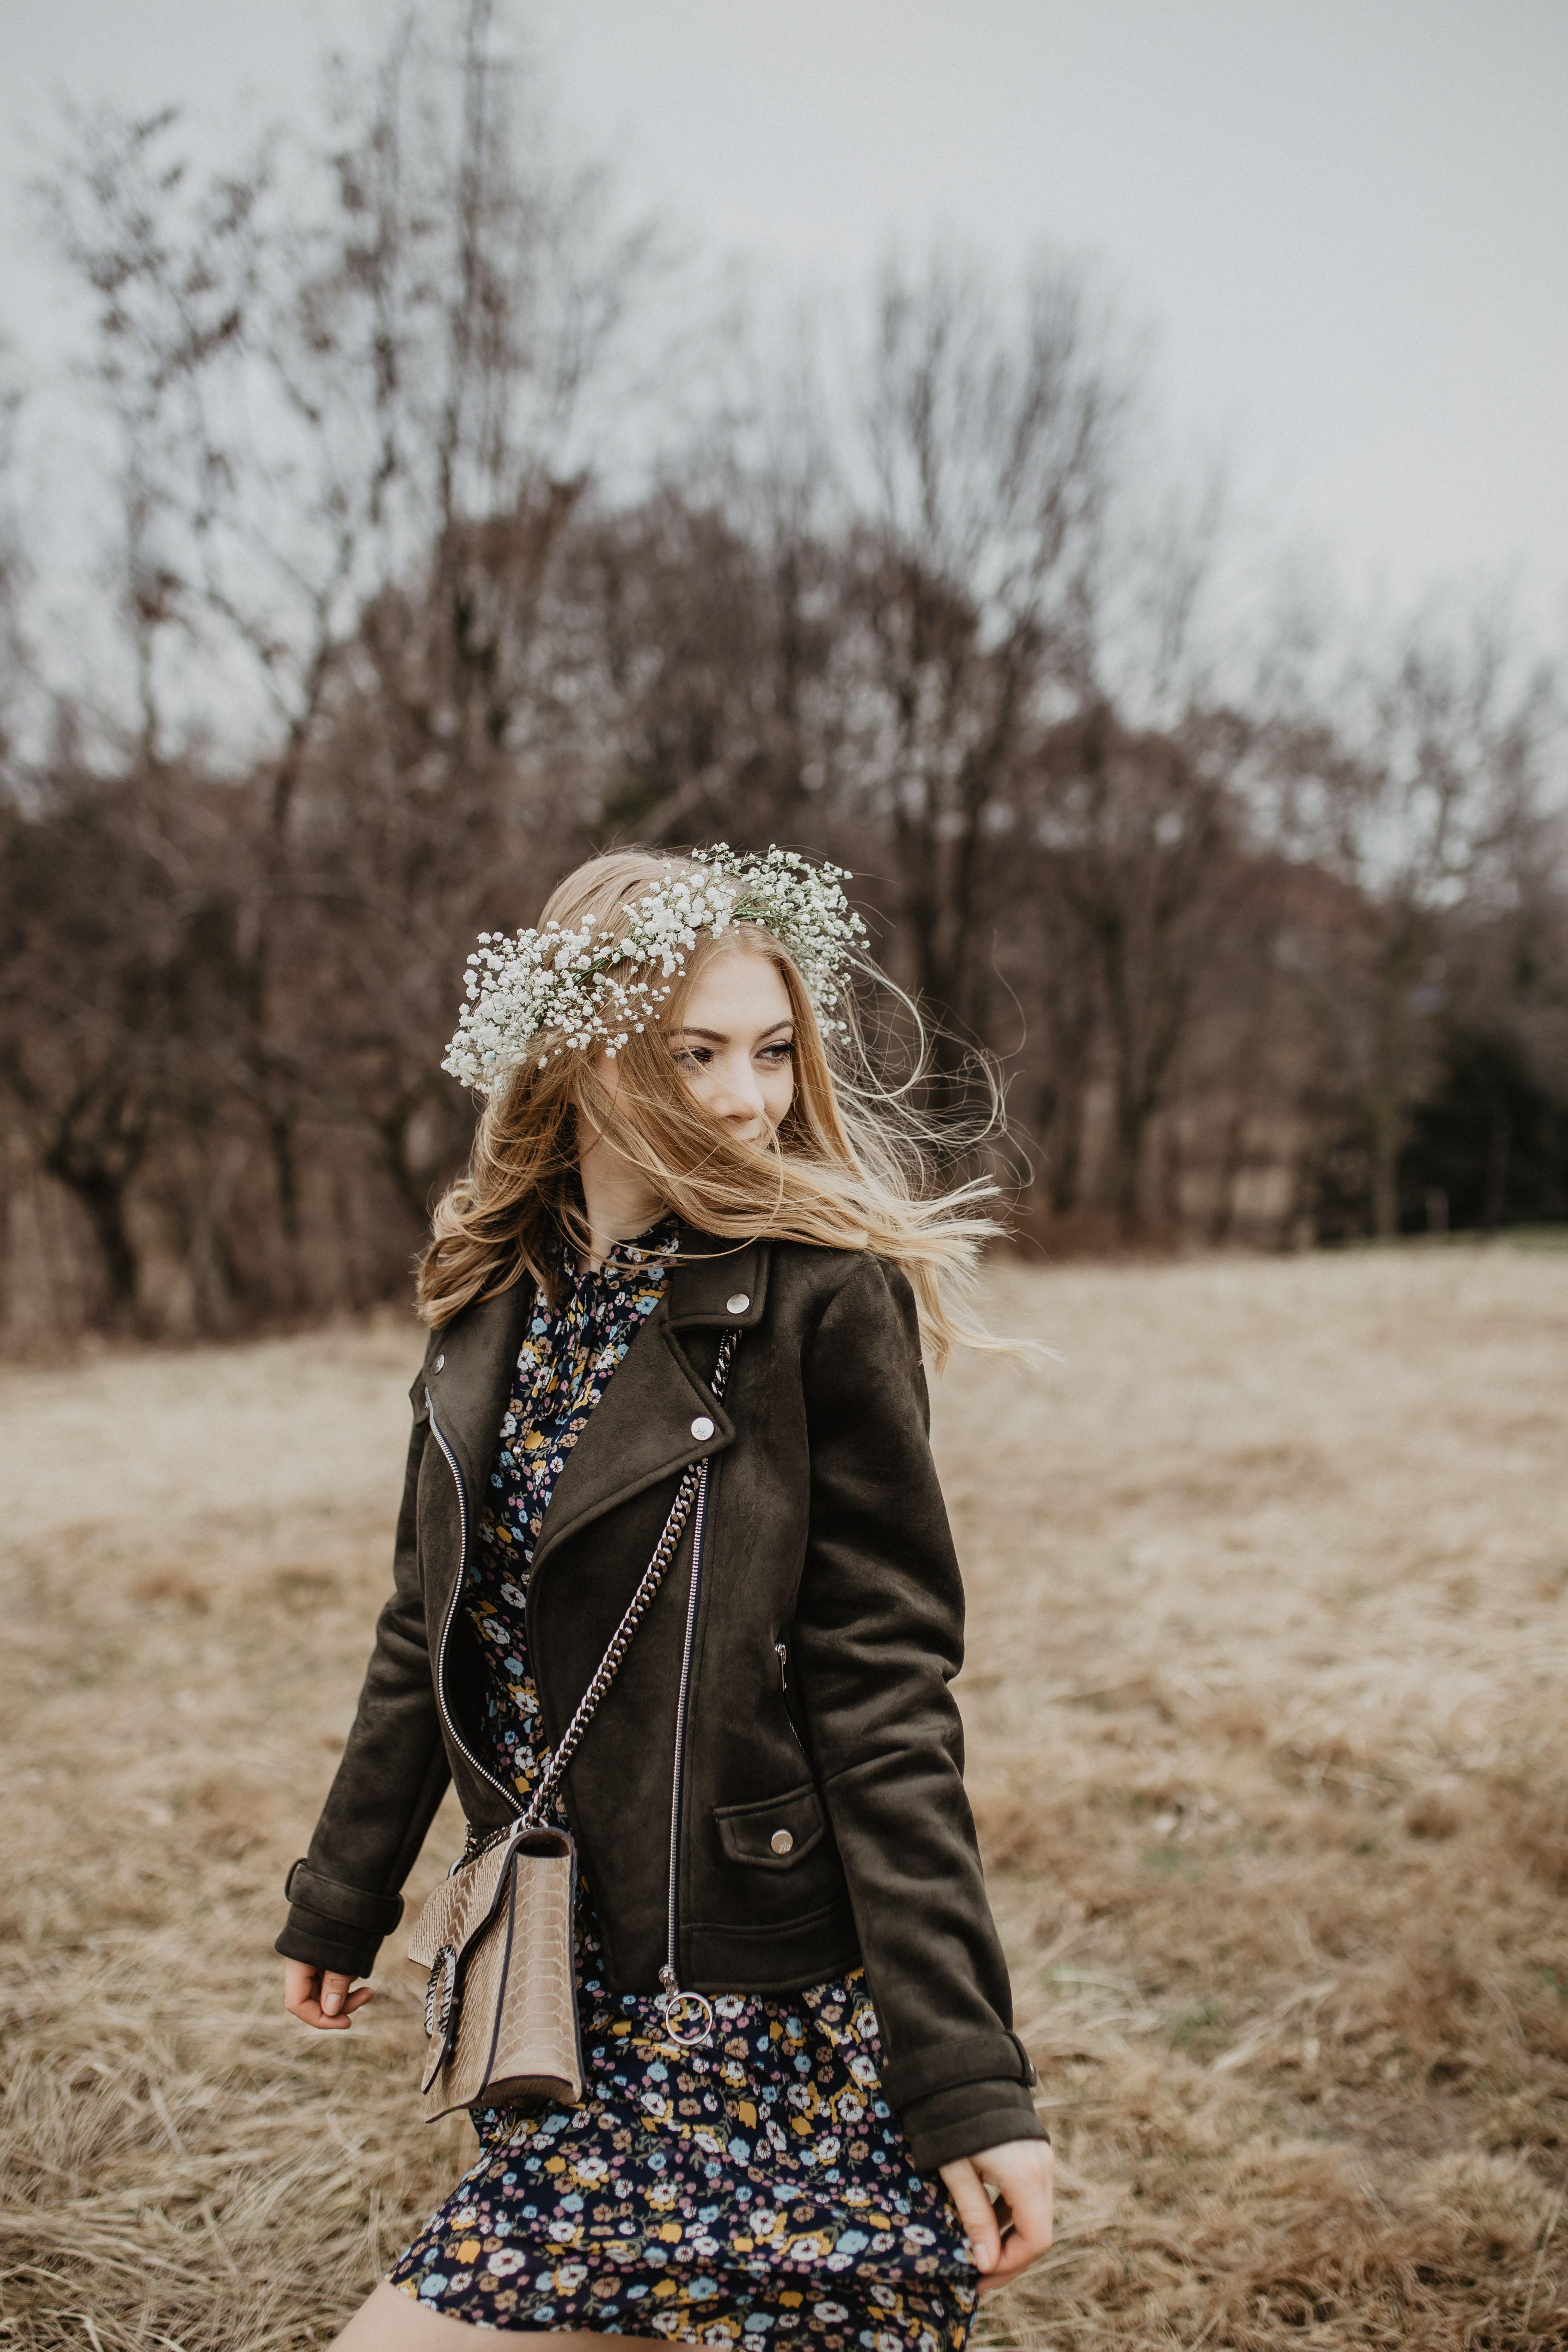 Wiosenna Stylizacja Z Sukienka W Kwiaty Carry Rozalia Photo Sessions Photo